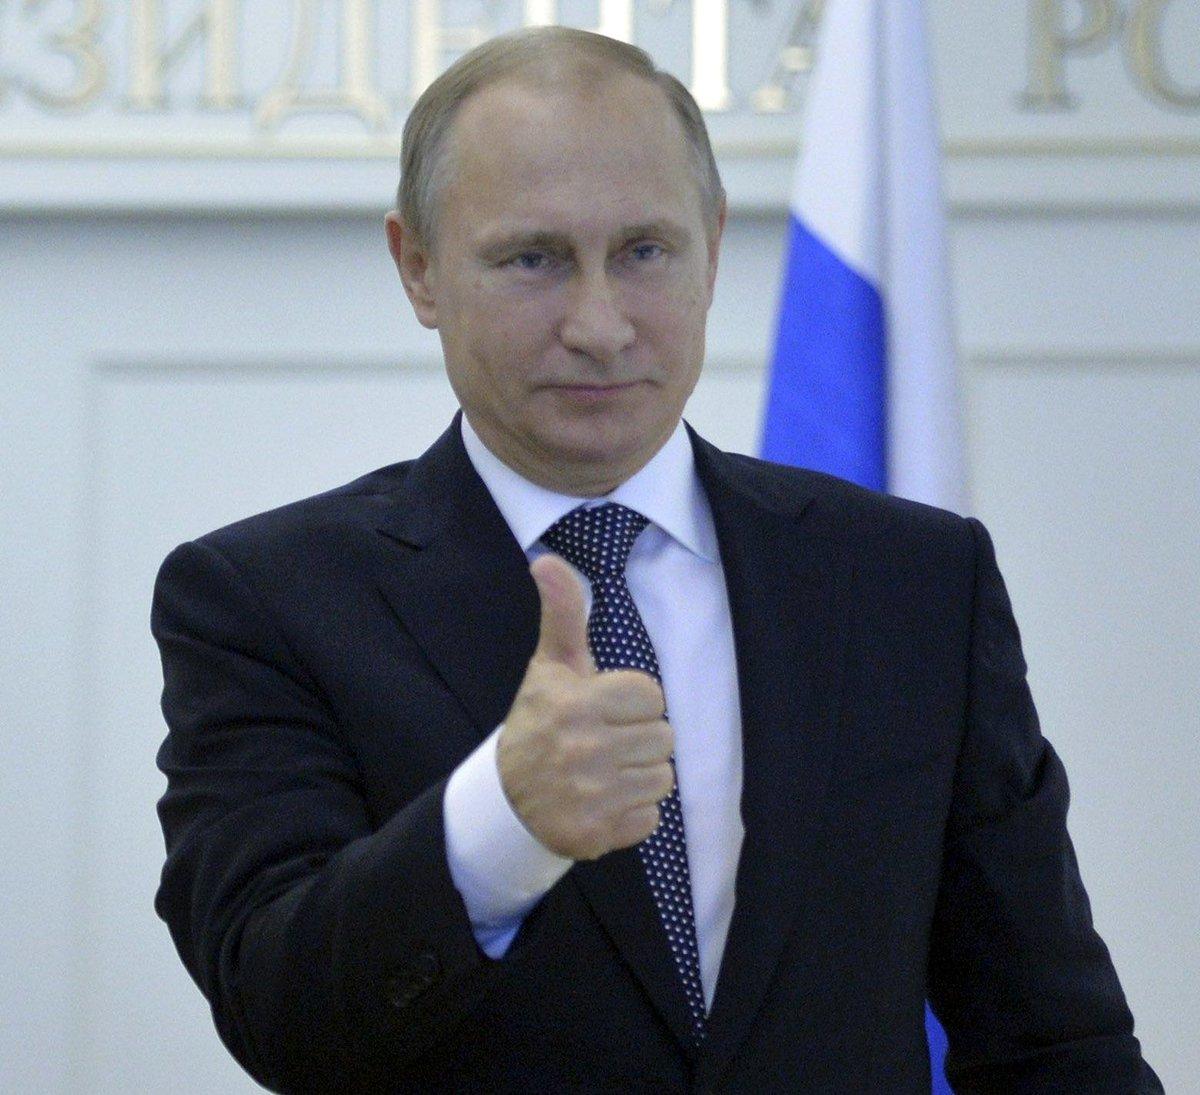 Голосовое поздравление Жанне с юбилеем 75 лет от Путина 77